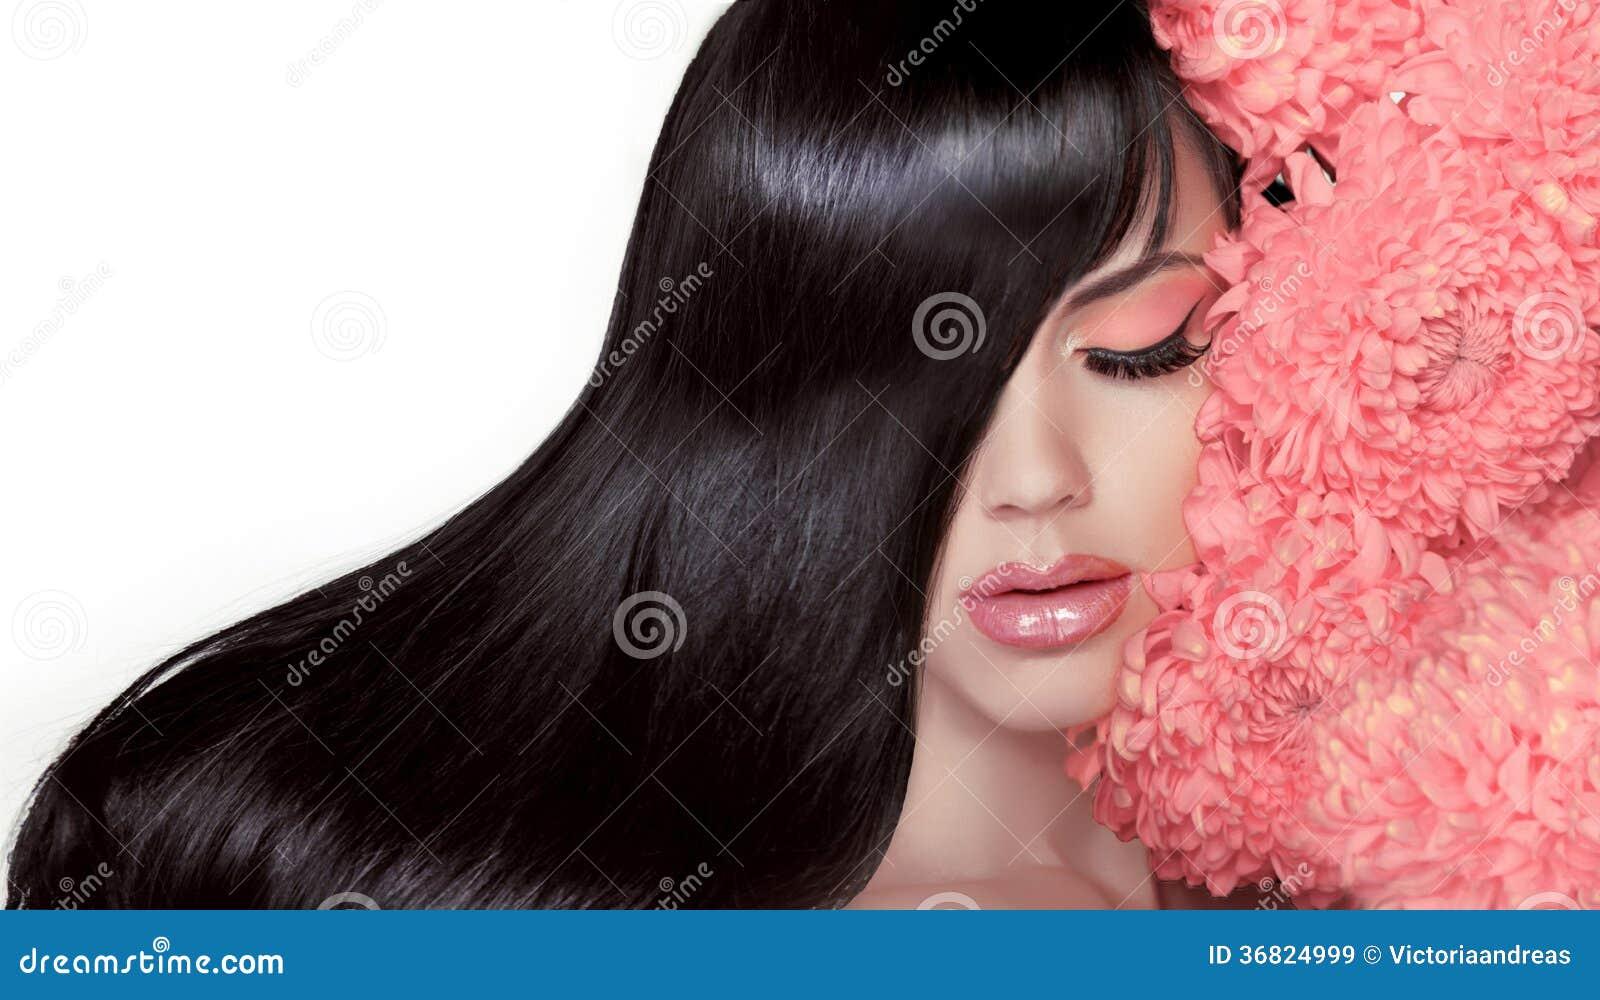 Włosiany salon. Piękno kobieta z Długim Zdrowym i Błyszczącym Gładkim Blac